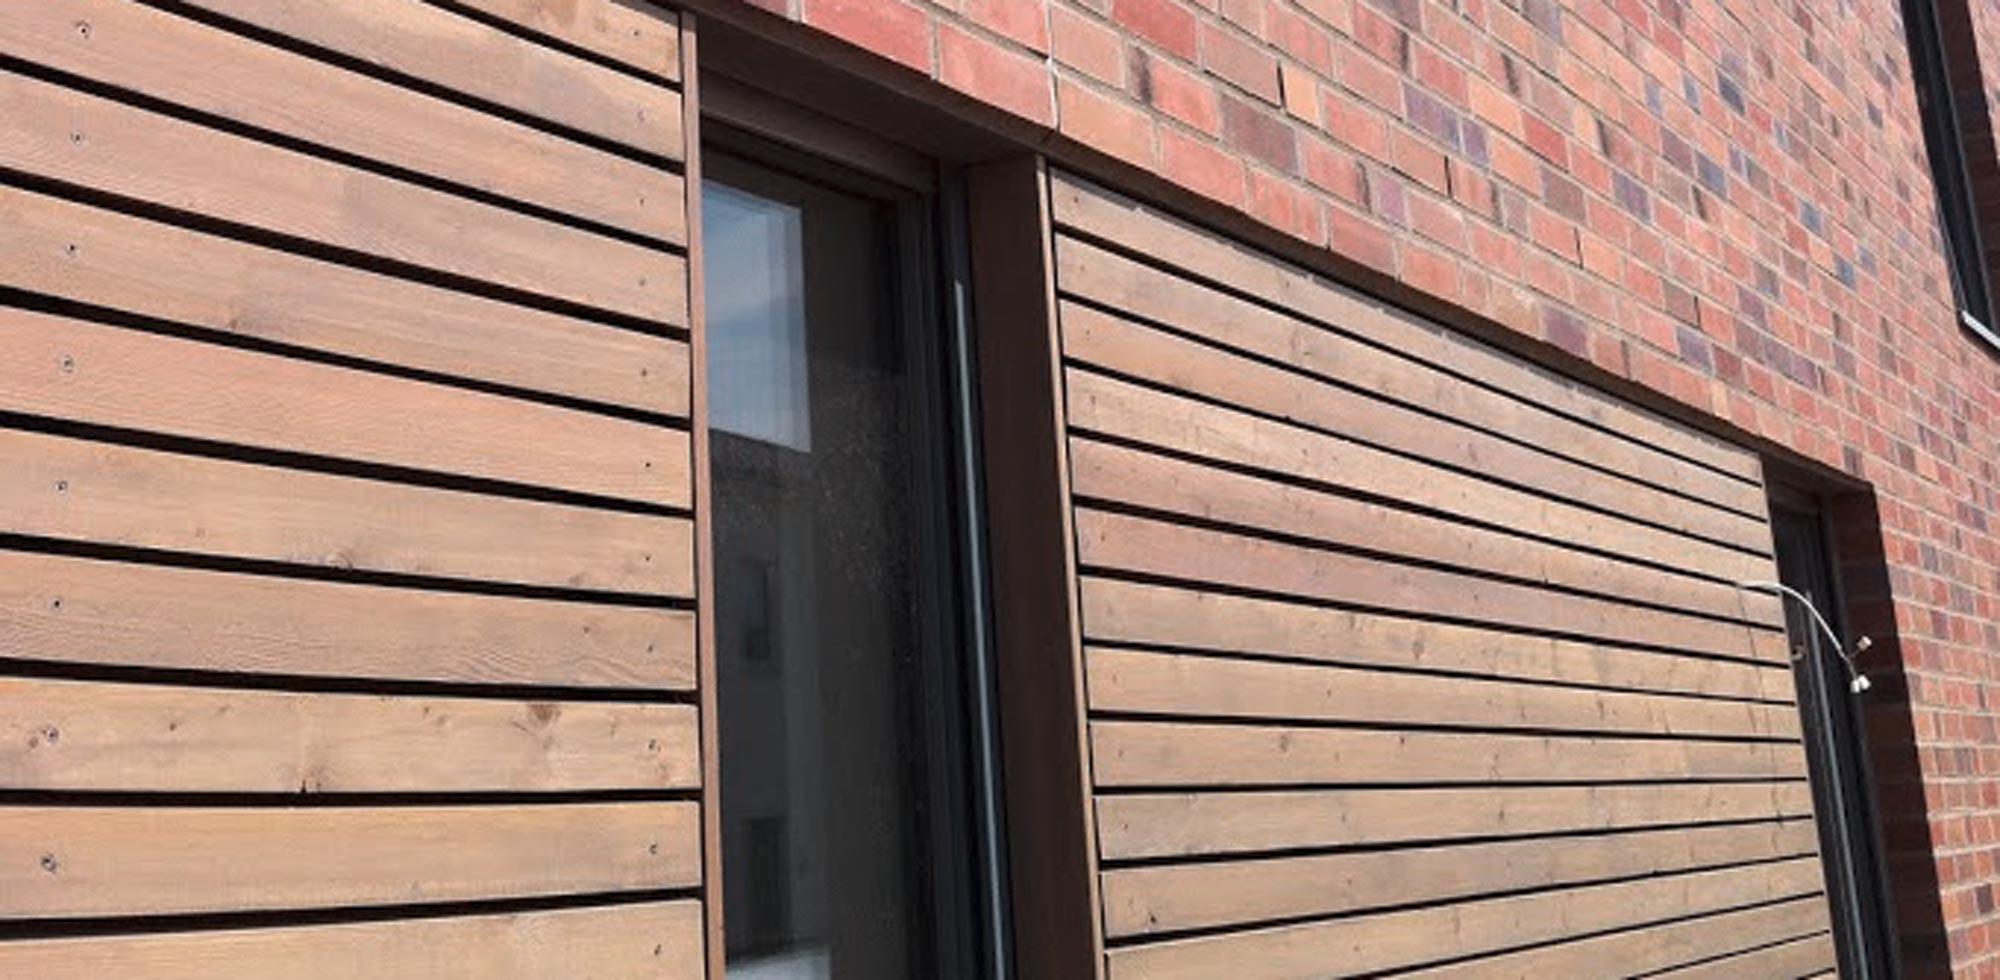 Holzfassade aus Lärche – HolzLand Verbeek